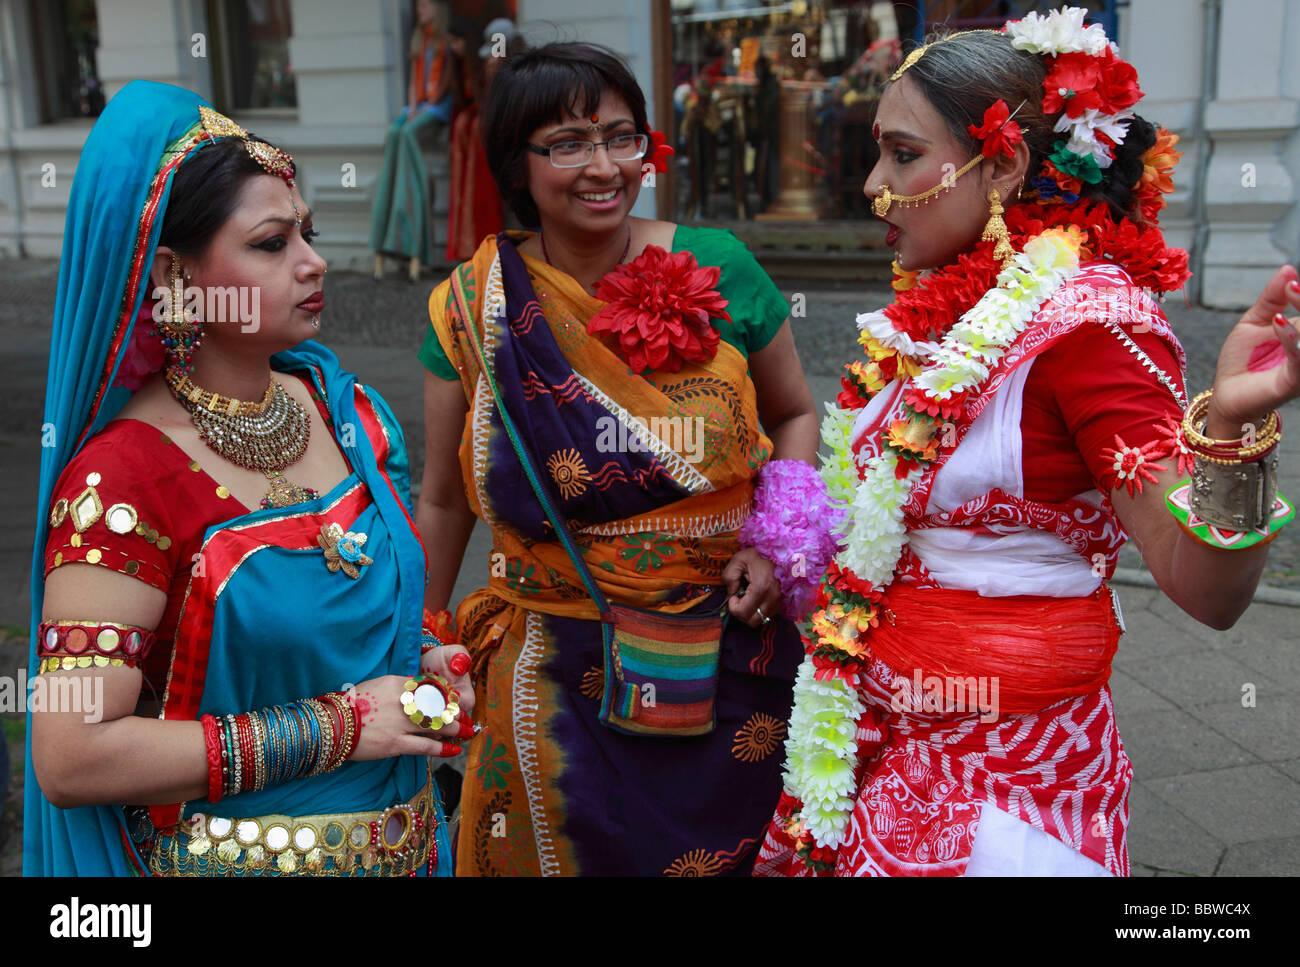 Germania Berlino Il Carnevale delle culture le donne indiane in abito tradizionale Immagini Stock